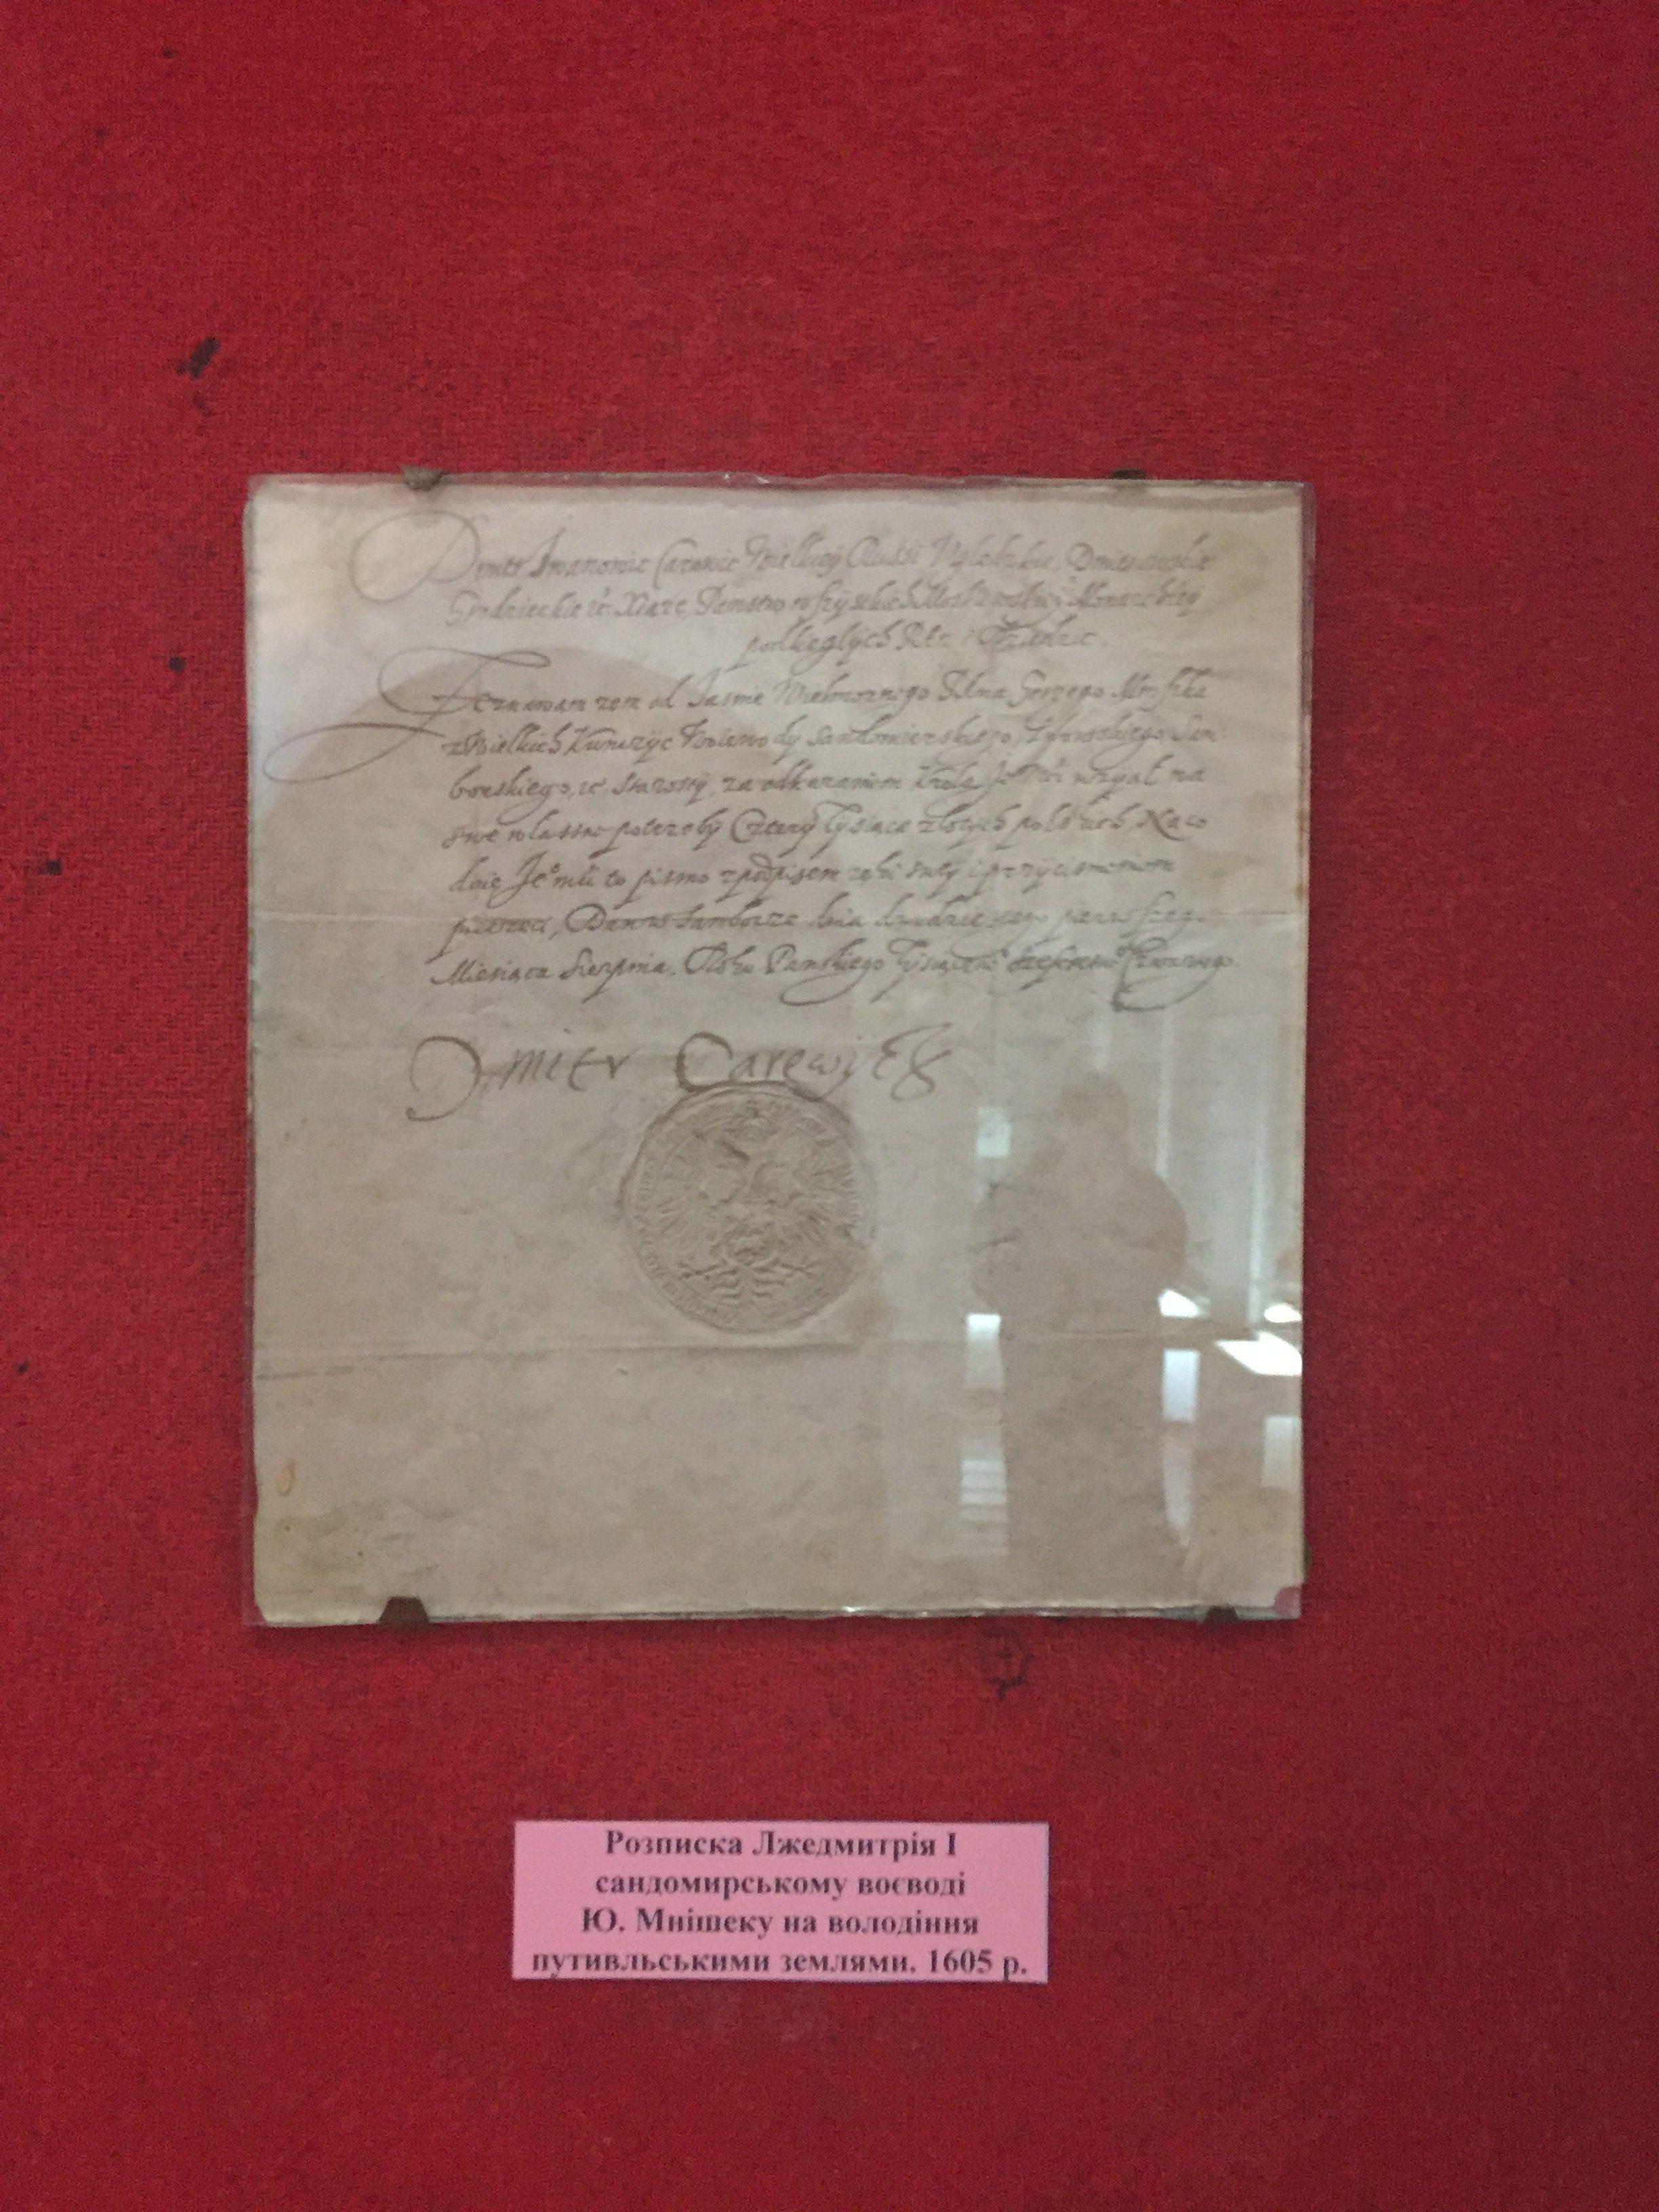 ポーランド語で書かれた偽ドミトリー関連の史料のレプリカ